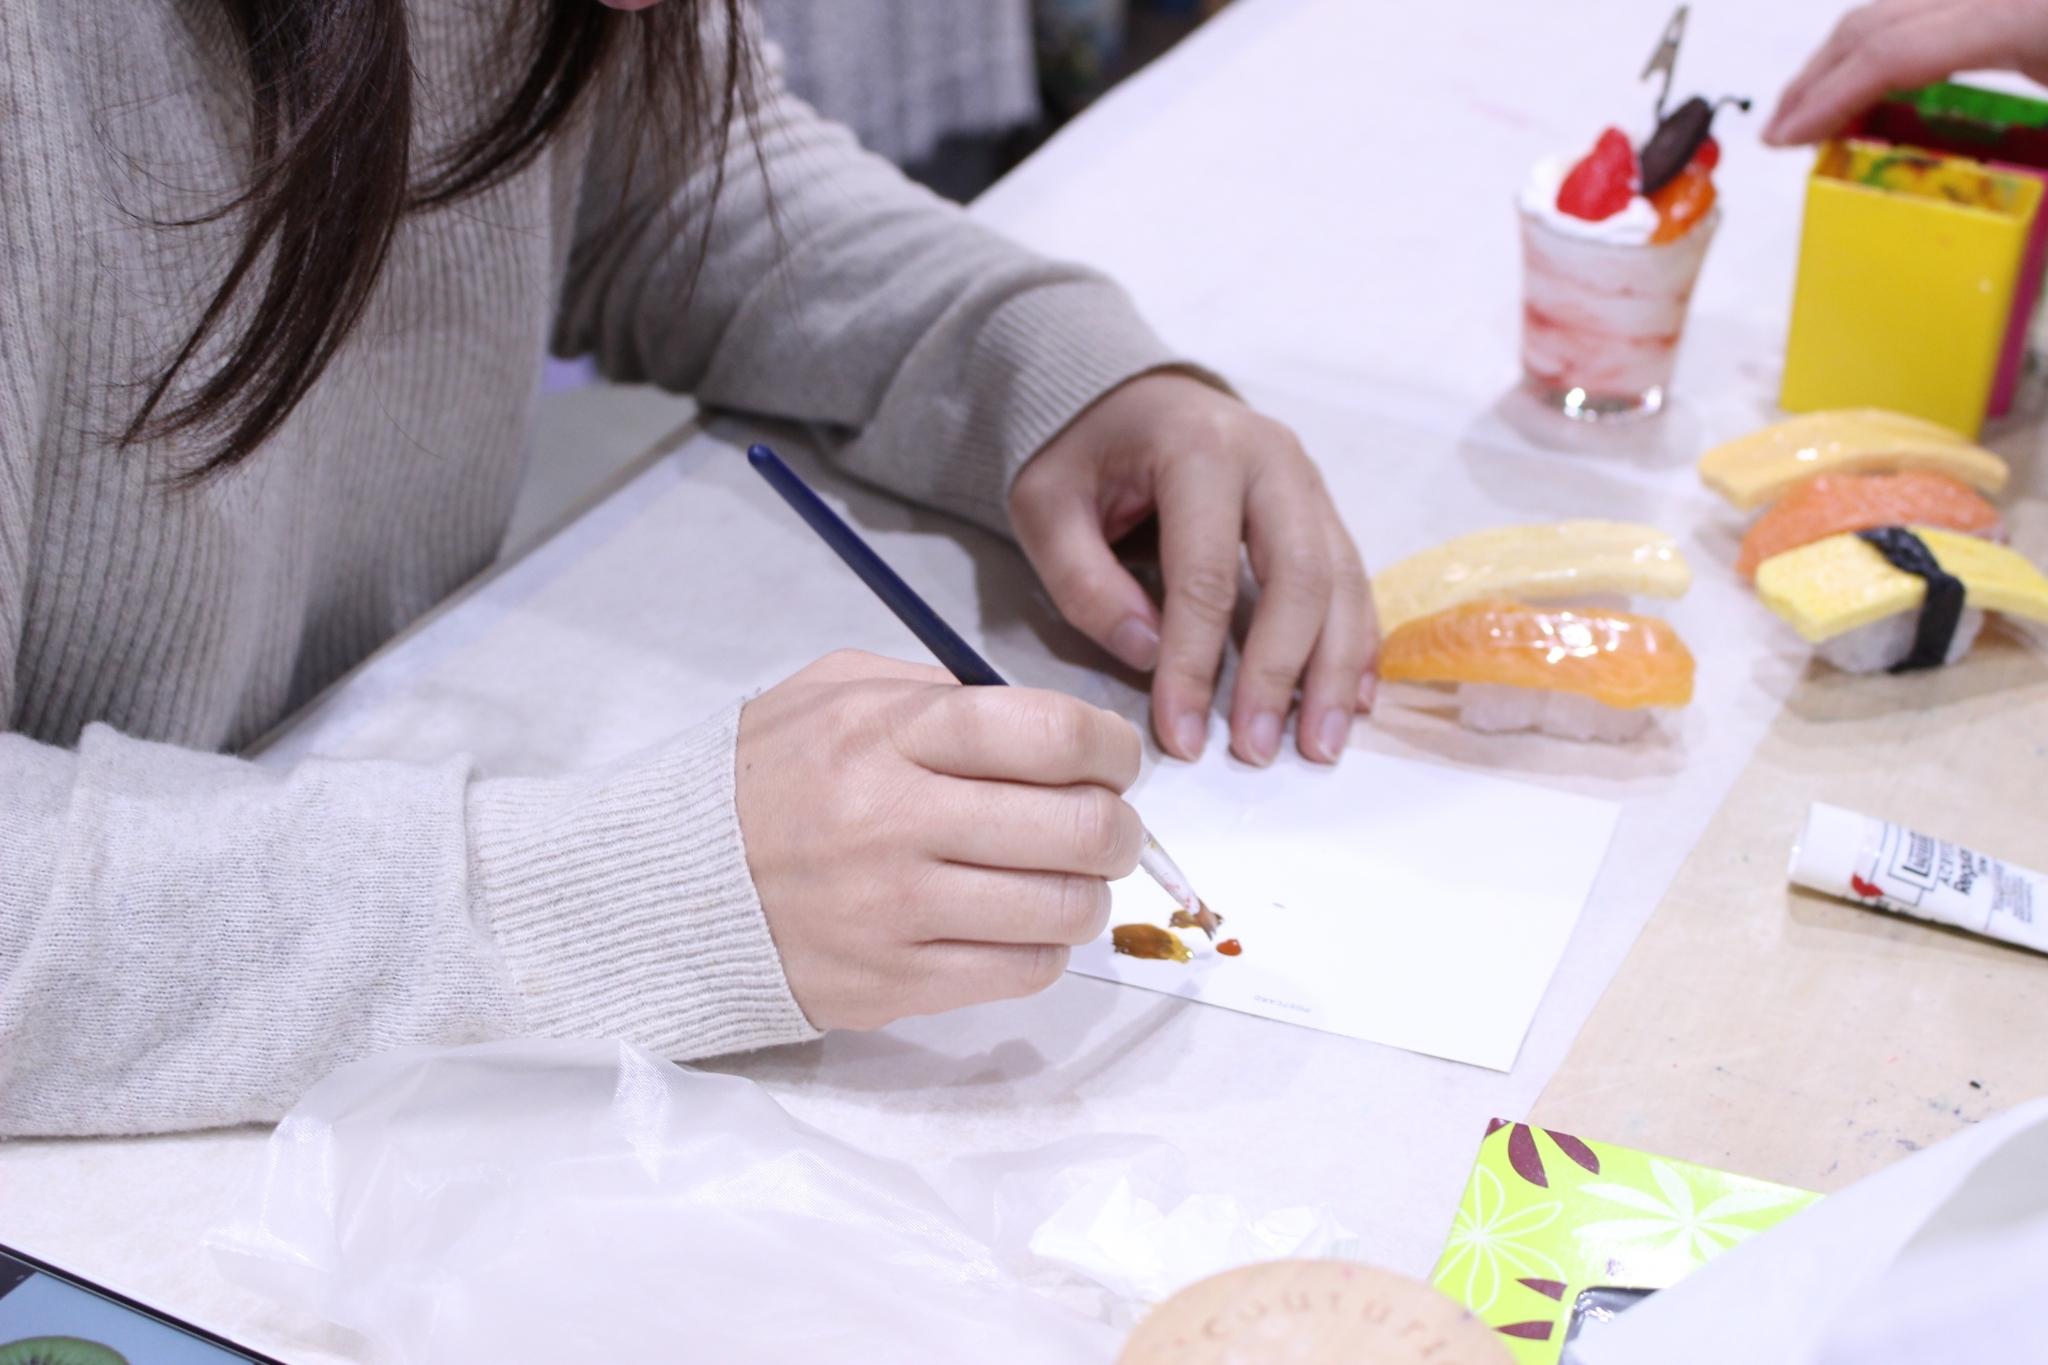 Atelier de maquette alimentaire